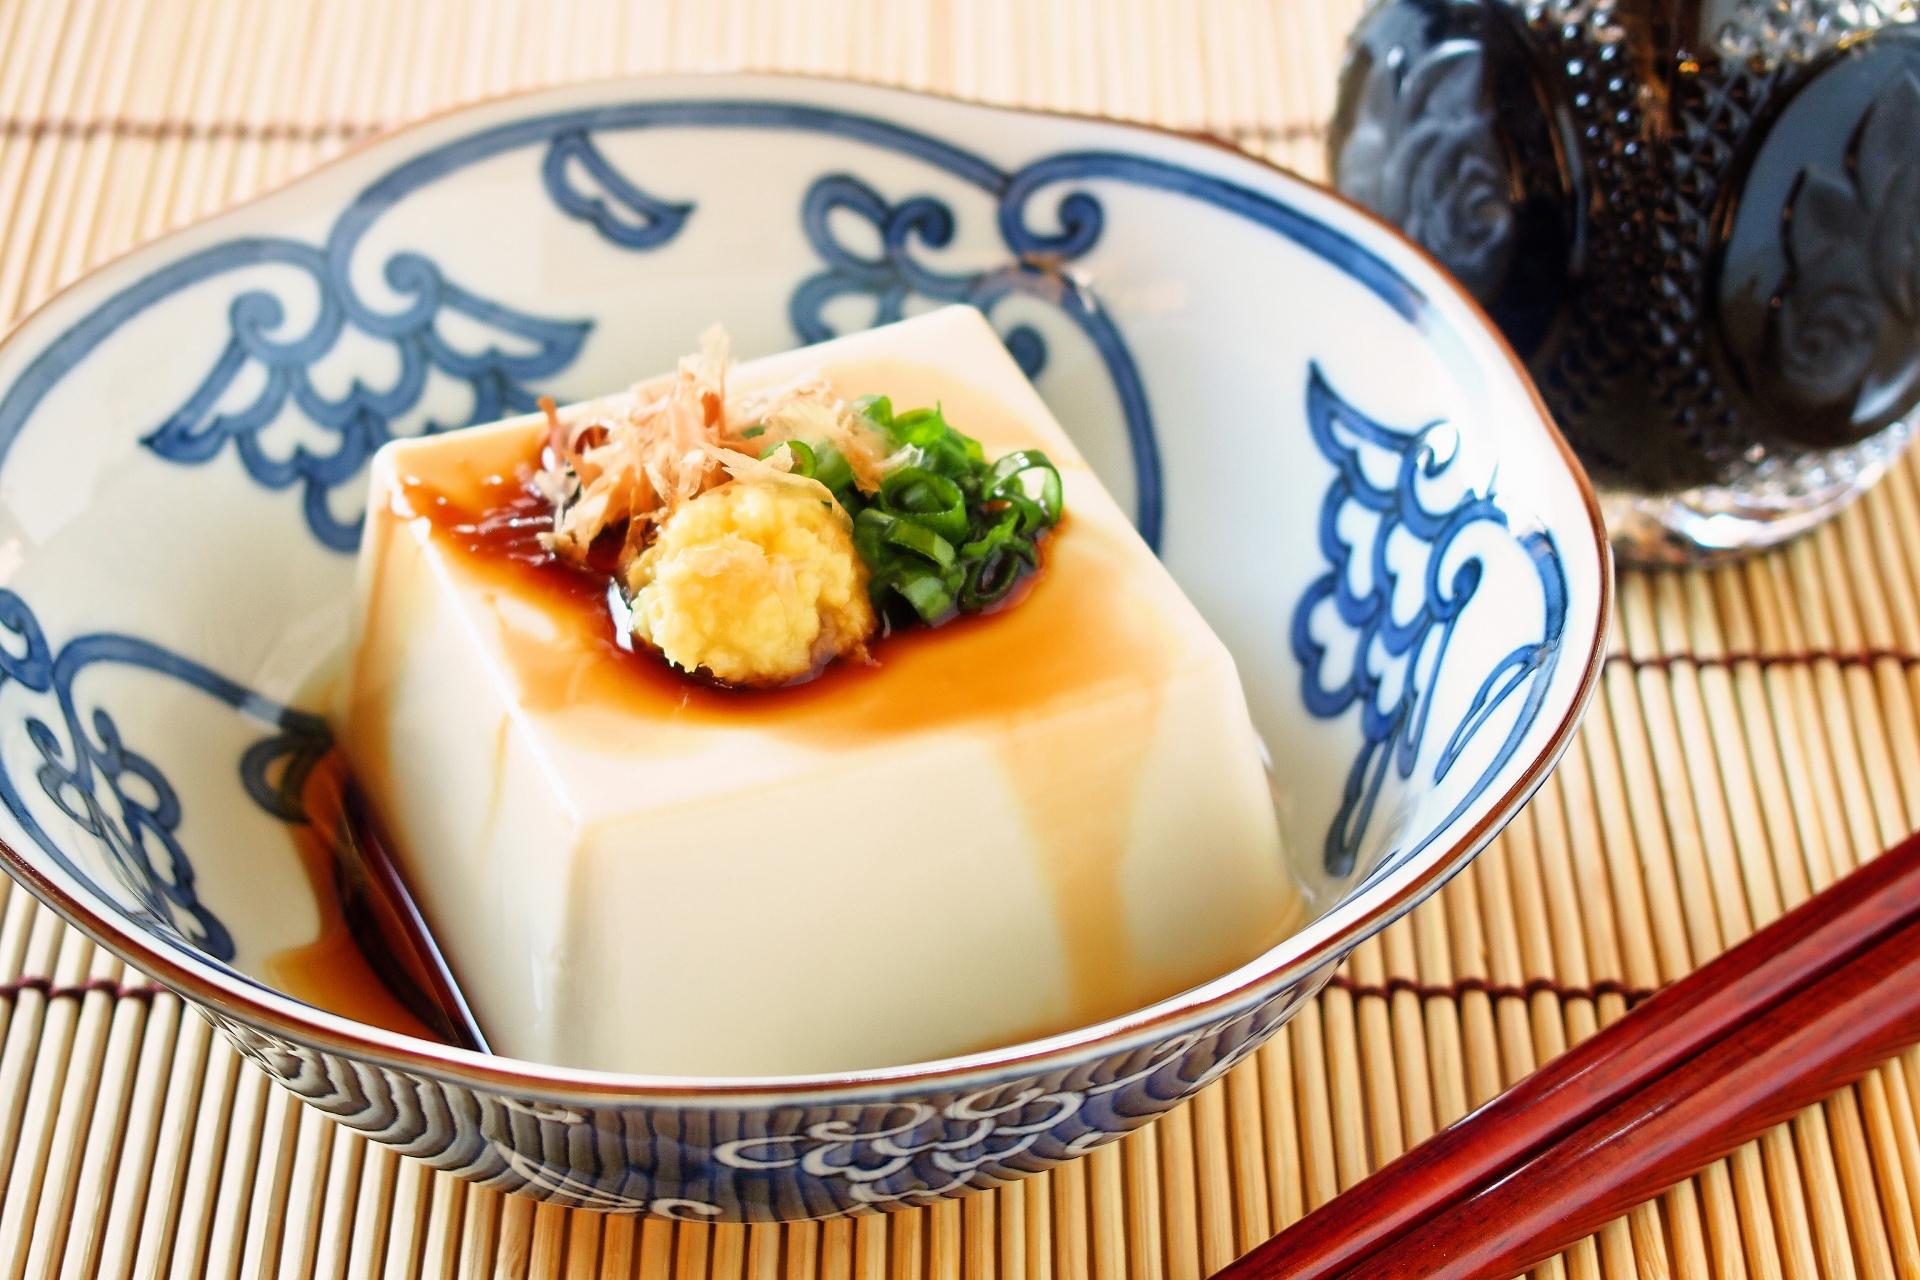 豆腐のおすすめ14選!木綿や絹ごし、変わり種も